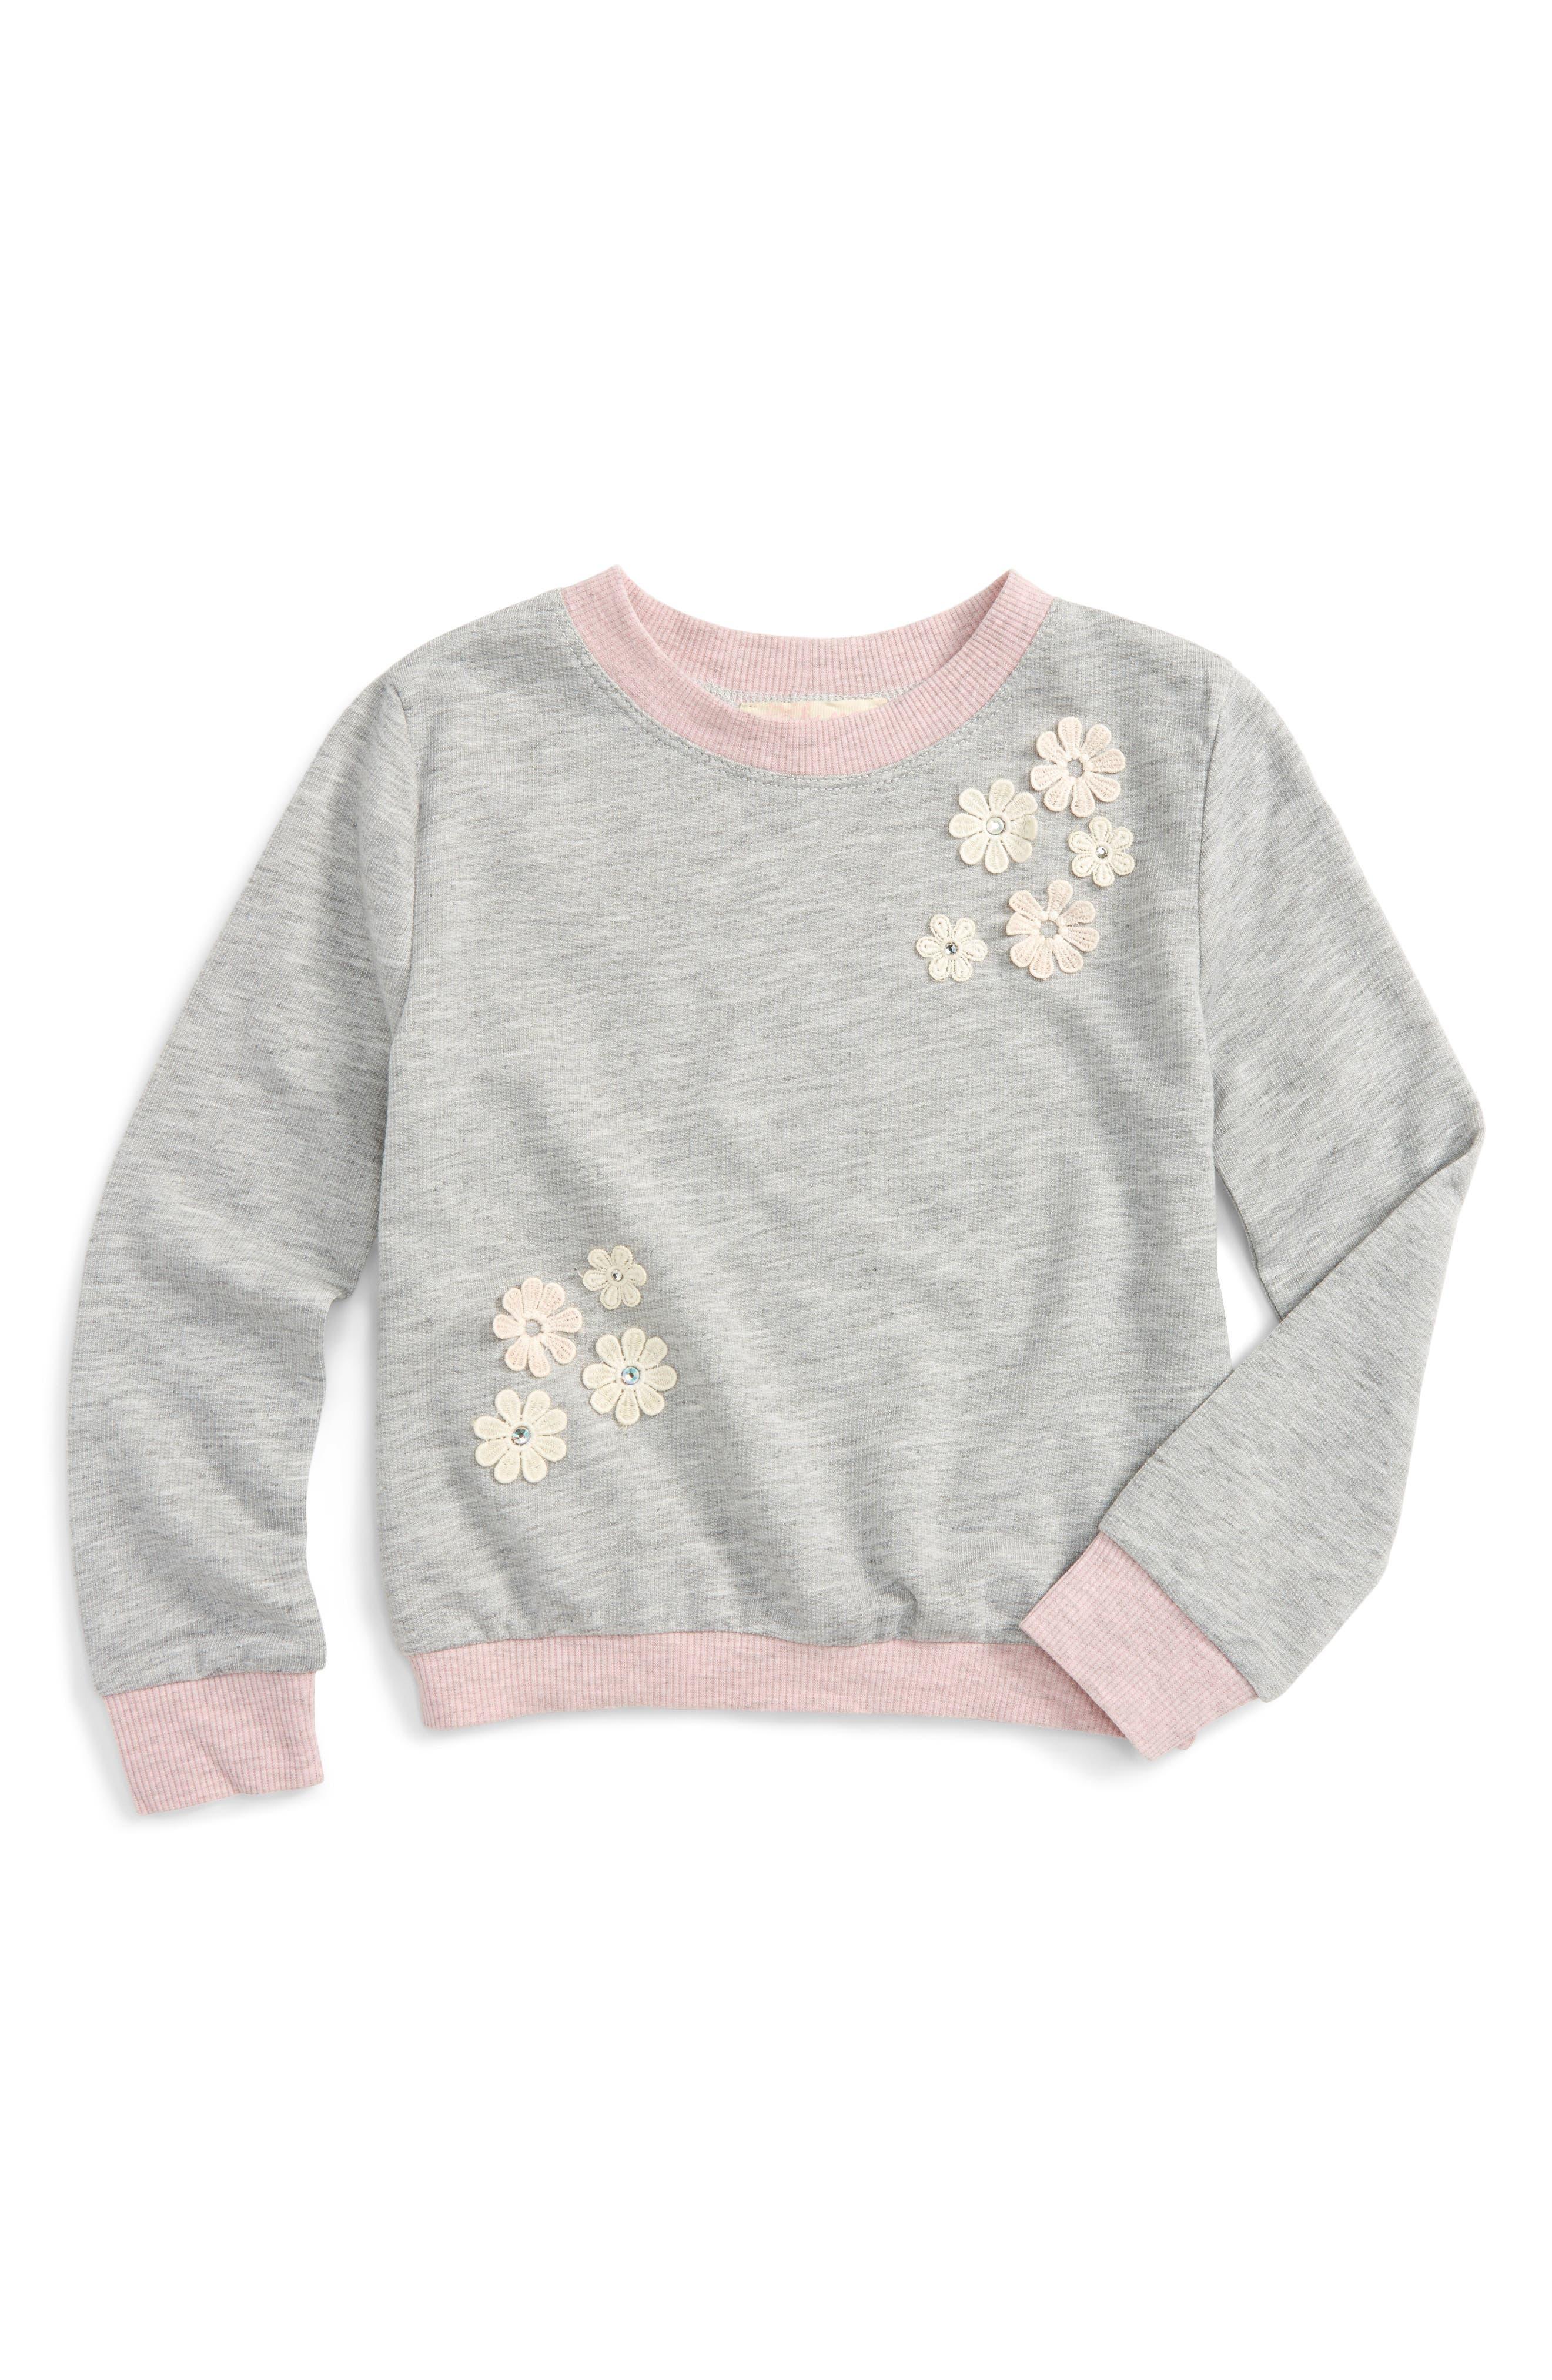 Floral Appliqué Sweatshirt,                             Main thumbnail 1, color,                             026